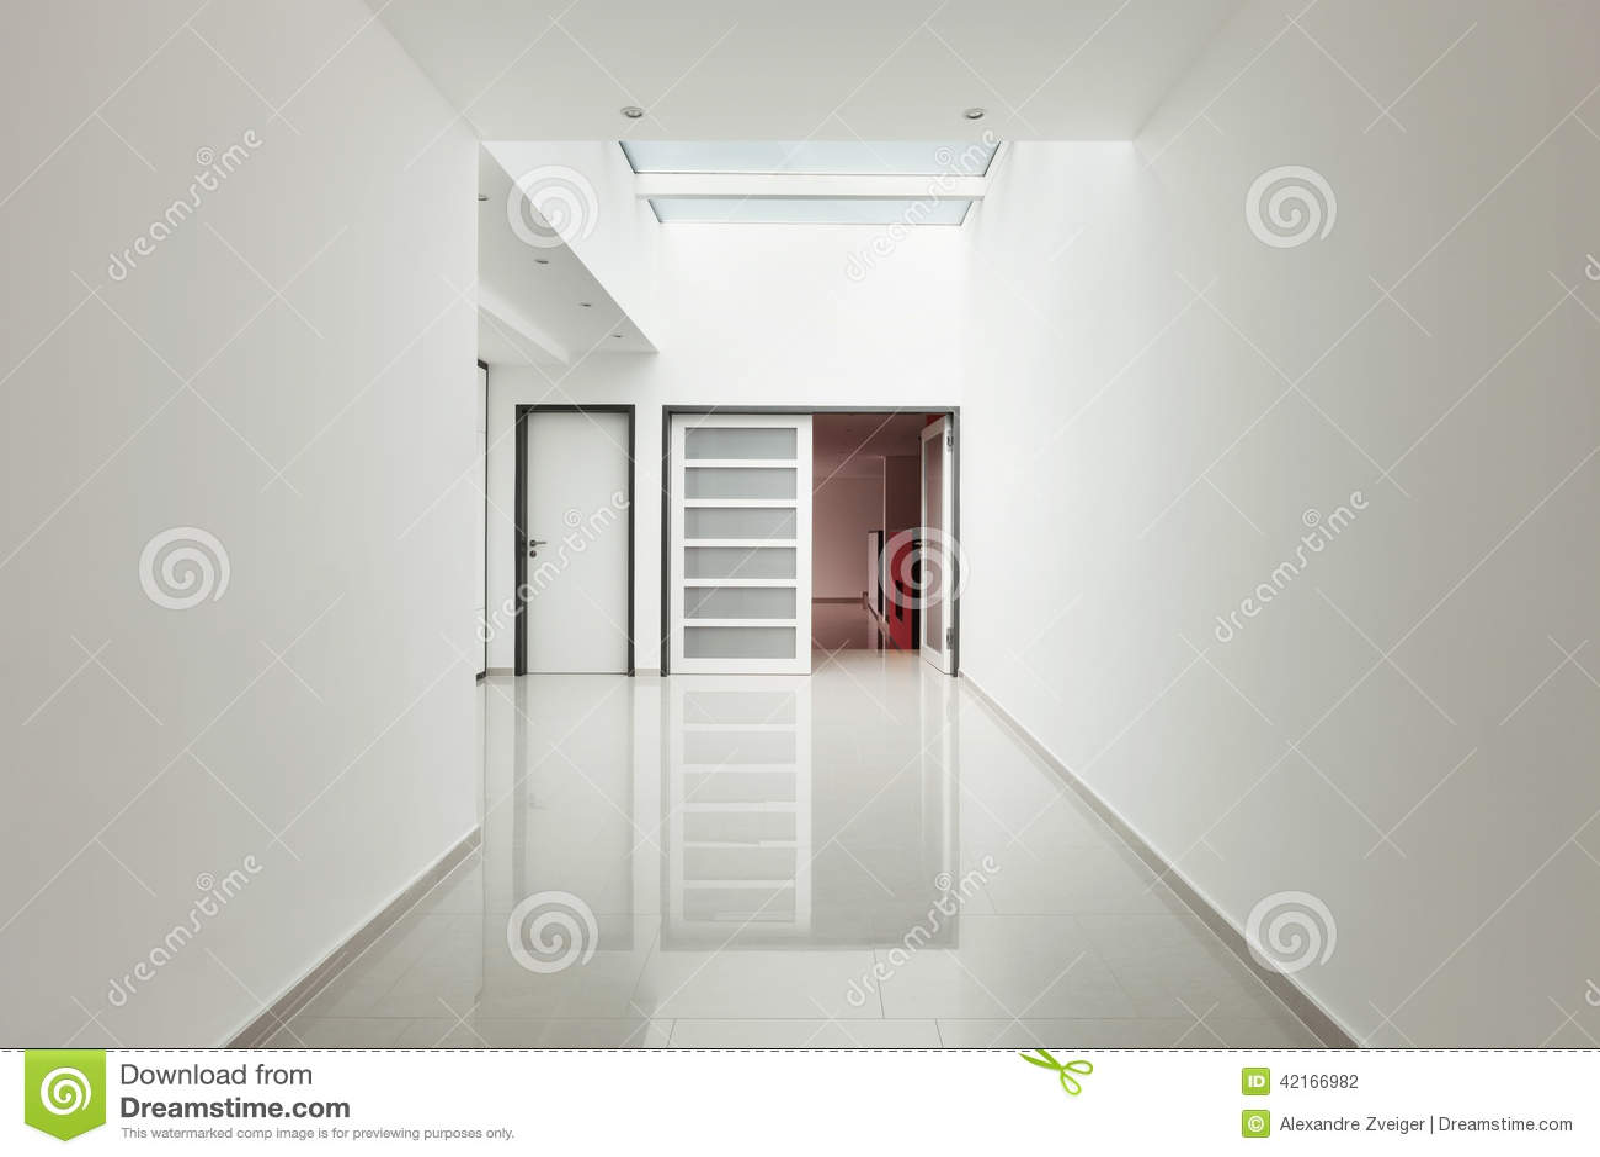 maison moderne int rieure vue de couloir photo stock image 42166982. Black Bedroom Furniture Sets. Home Design Ideas